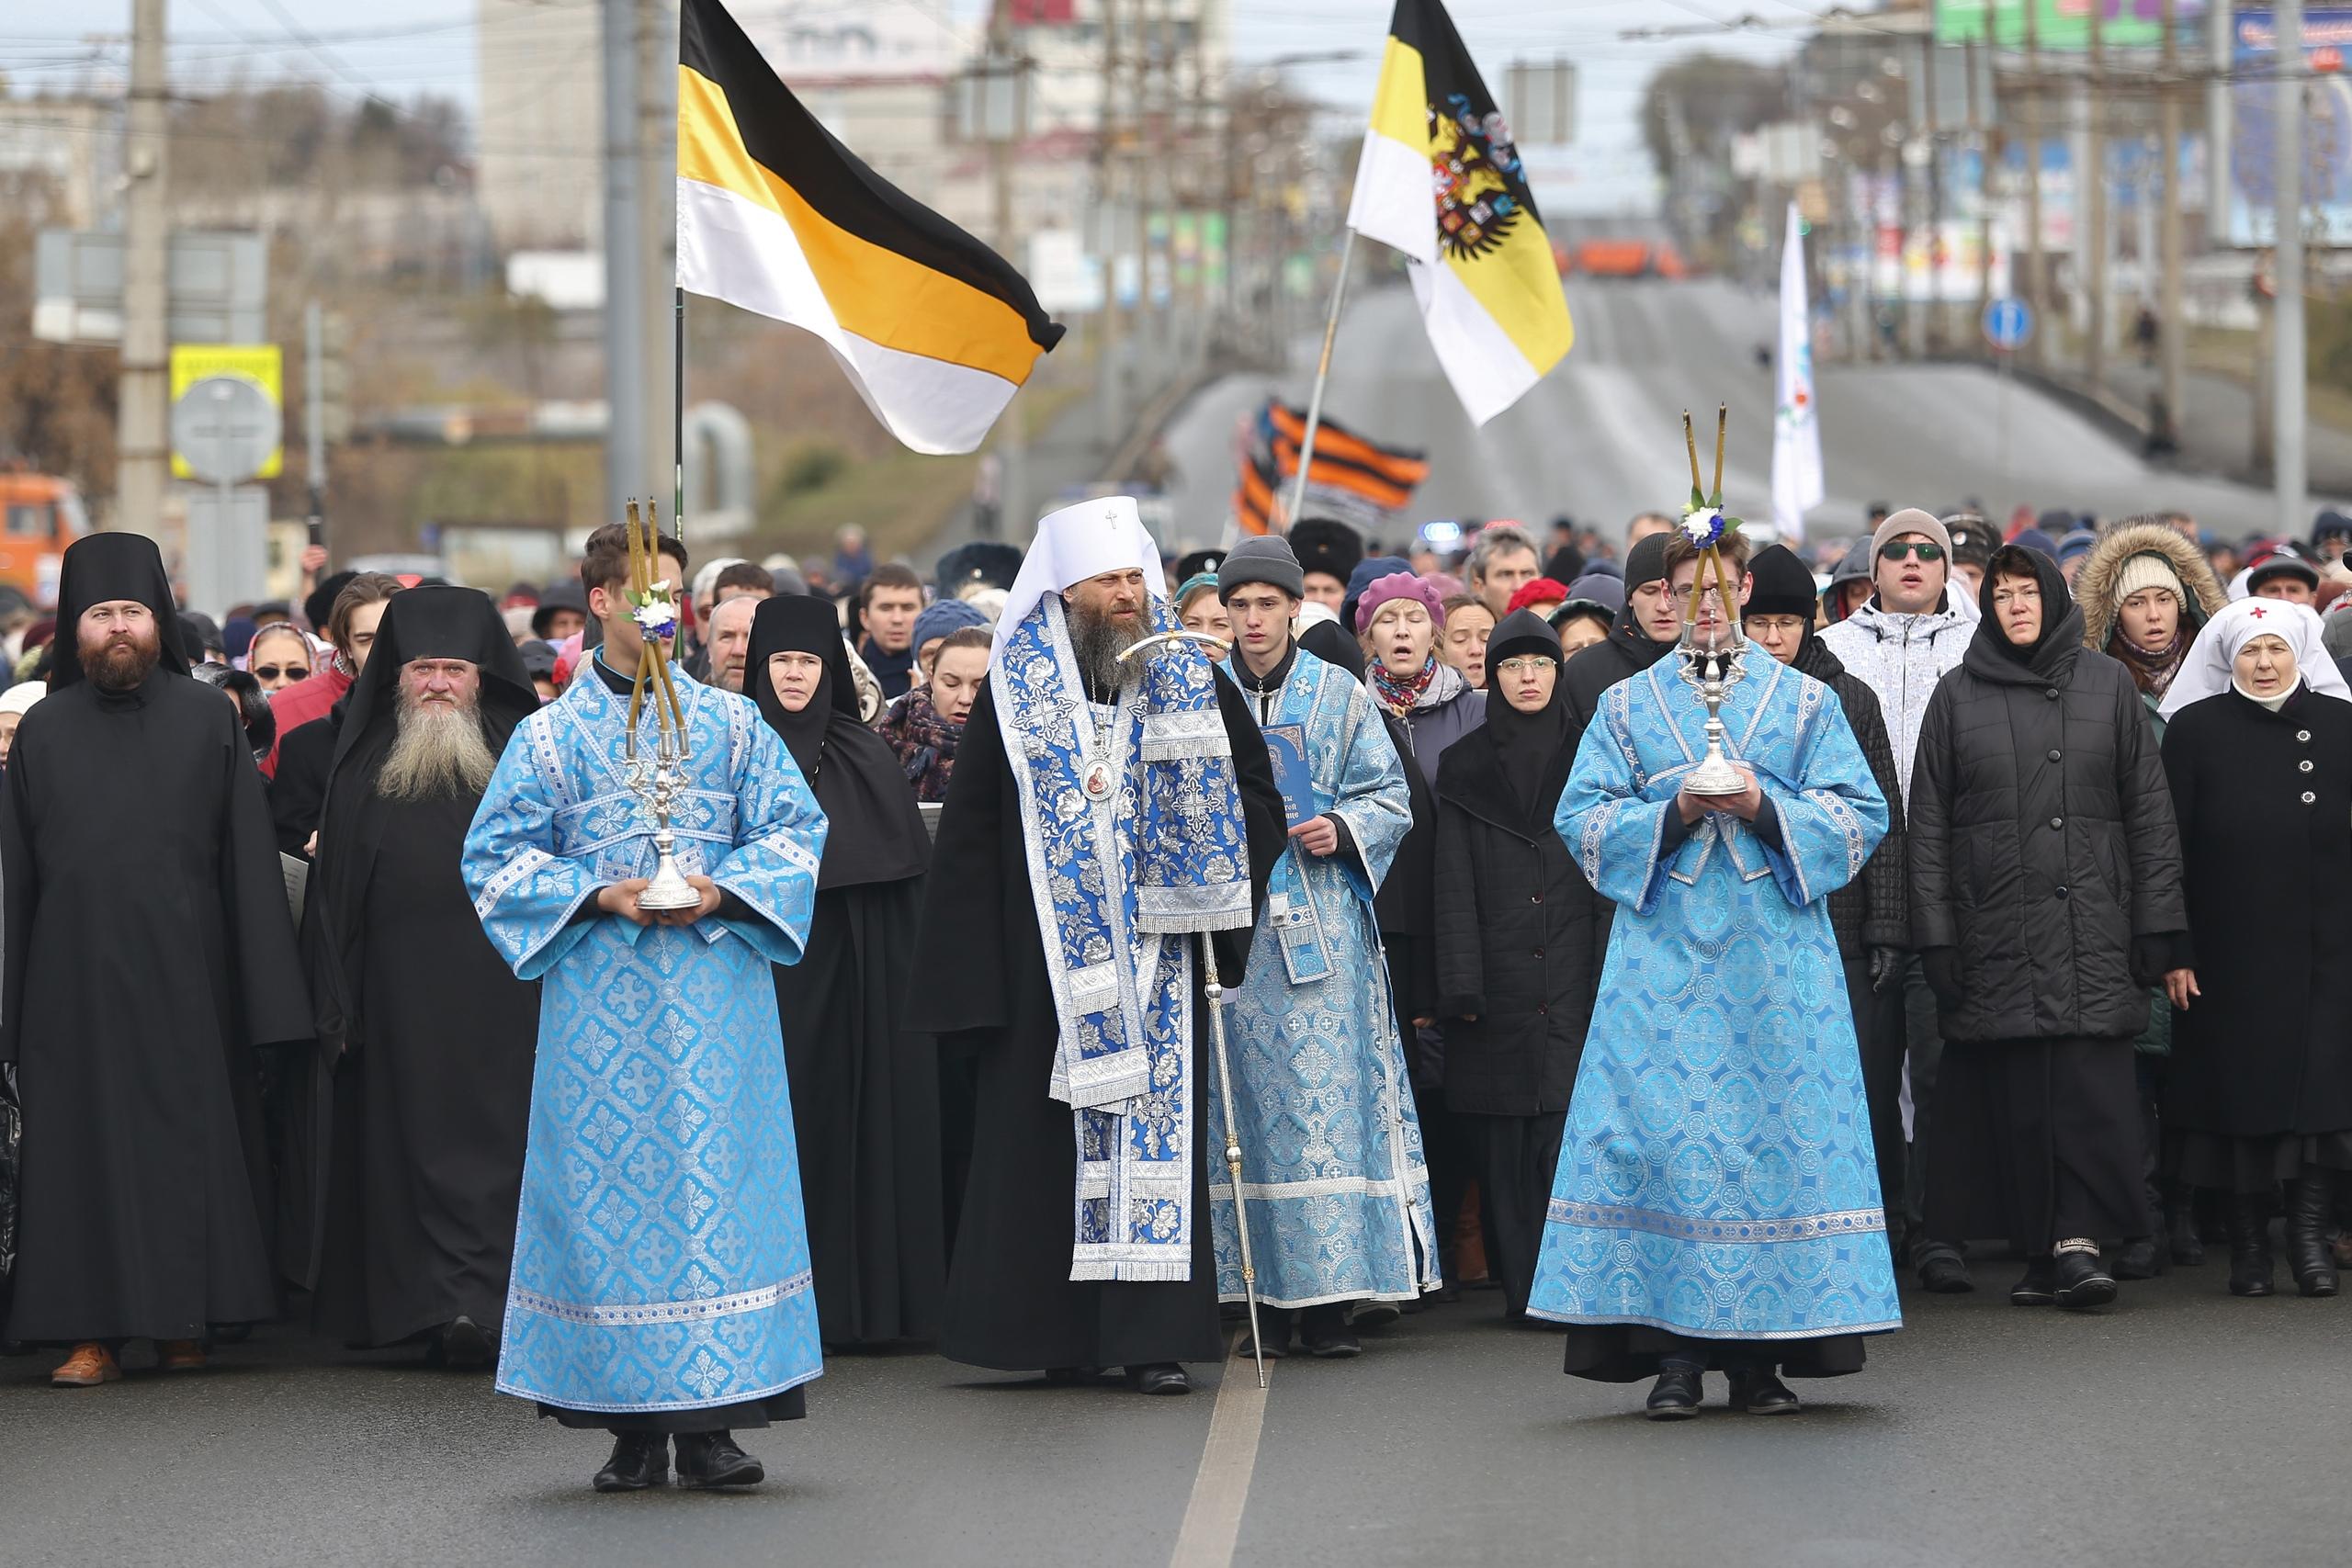 Поздравление губернатора челябинской области с днем народного единства